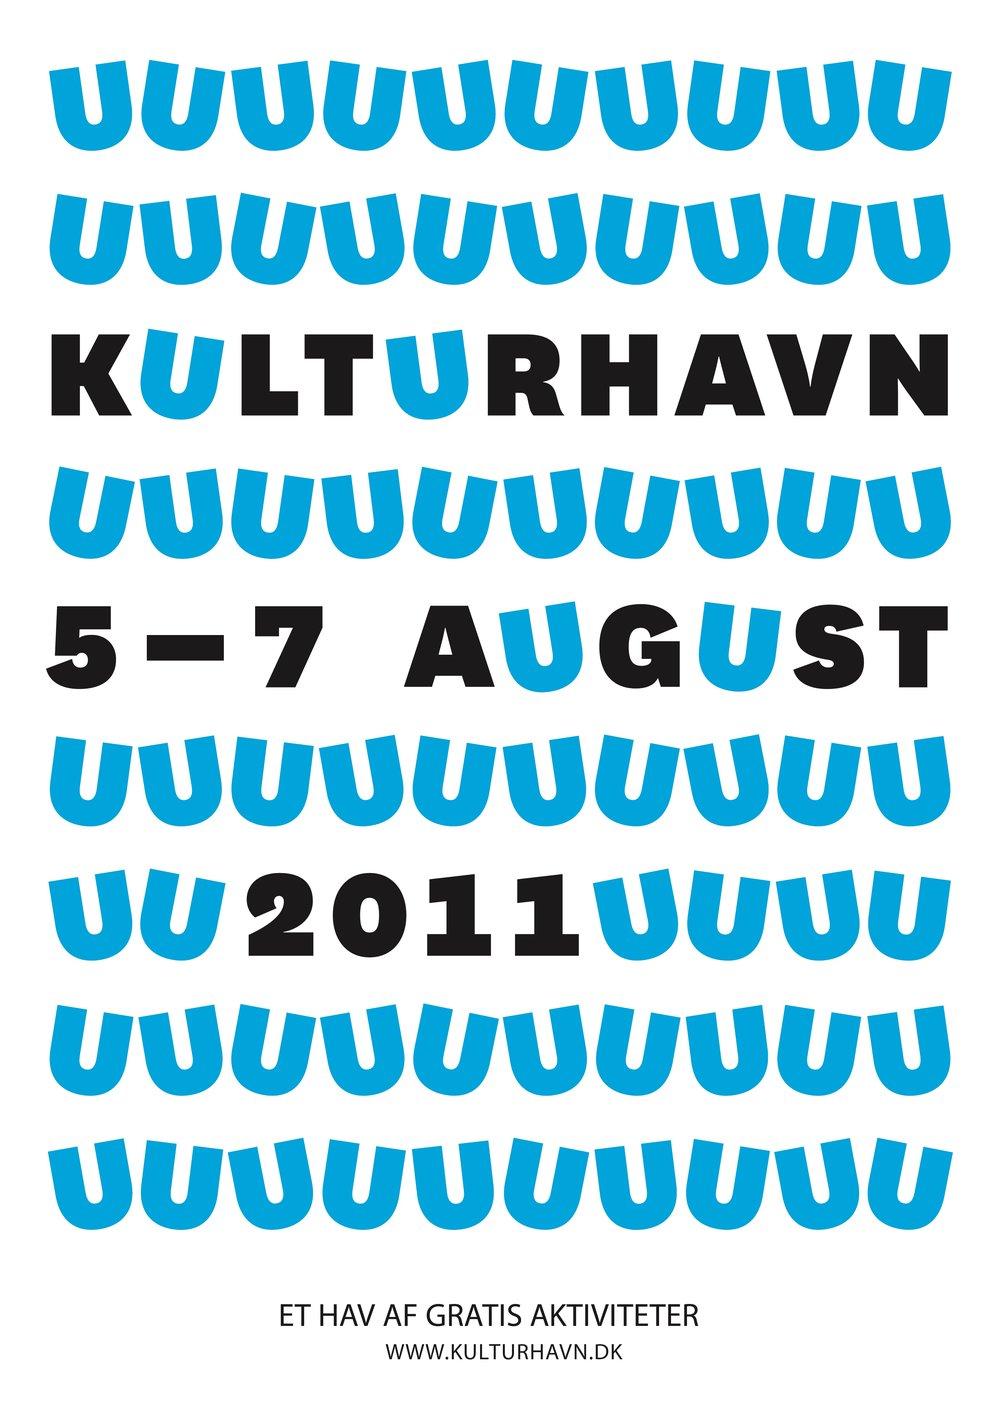 Kulturhavn plakat 2011.jpg